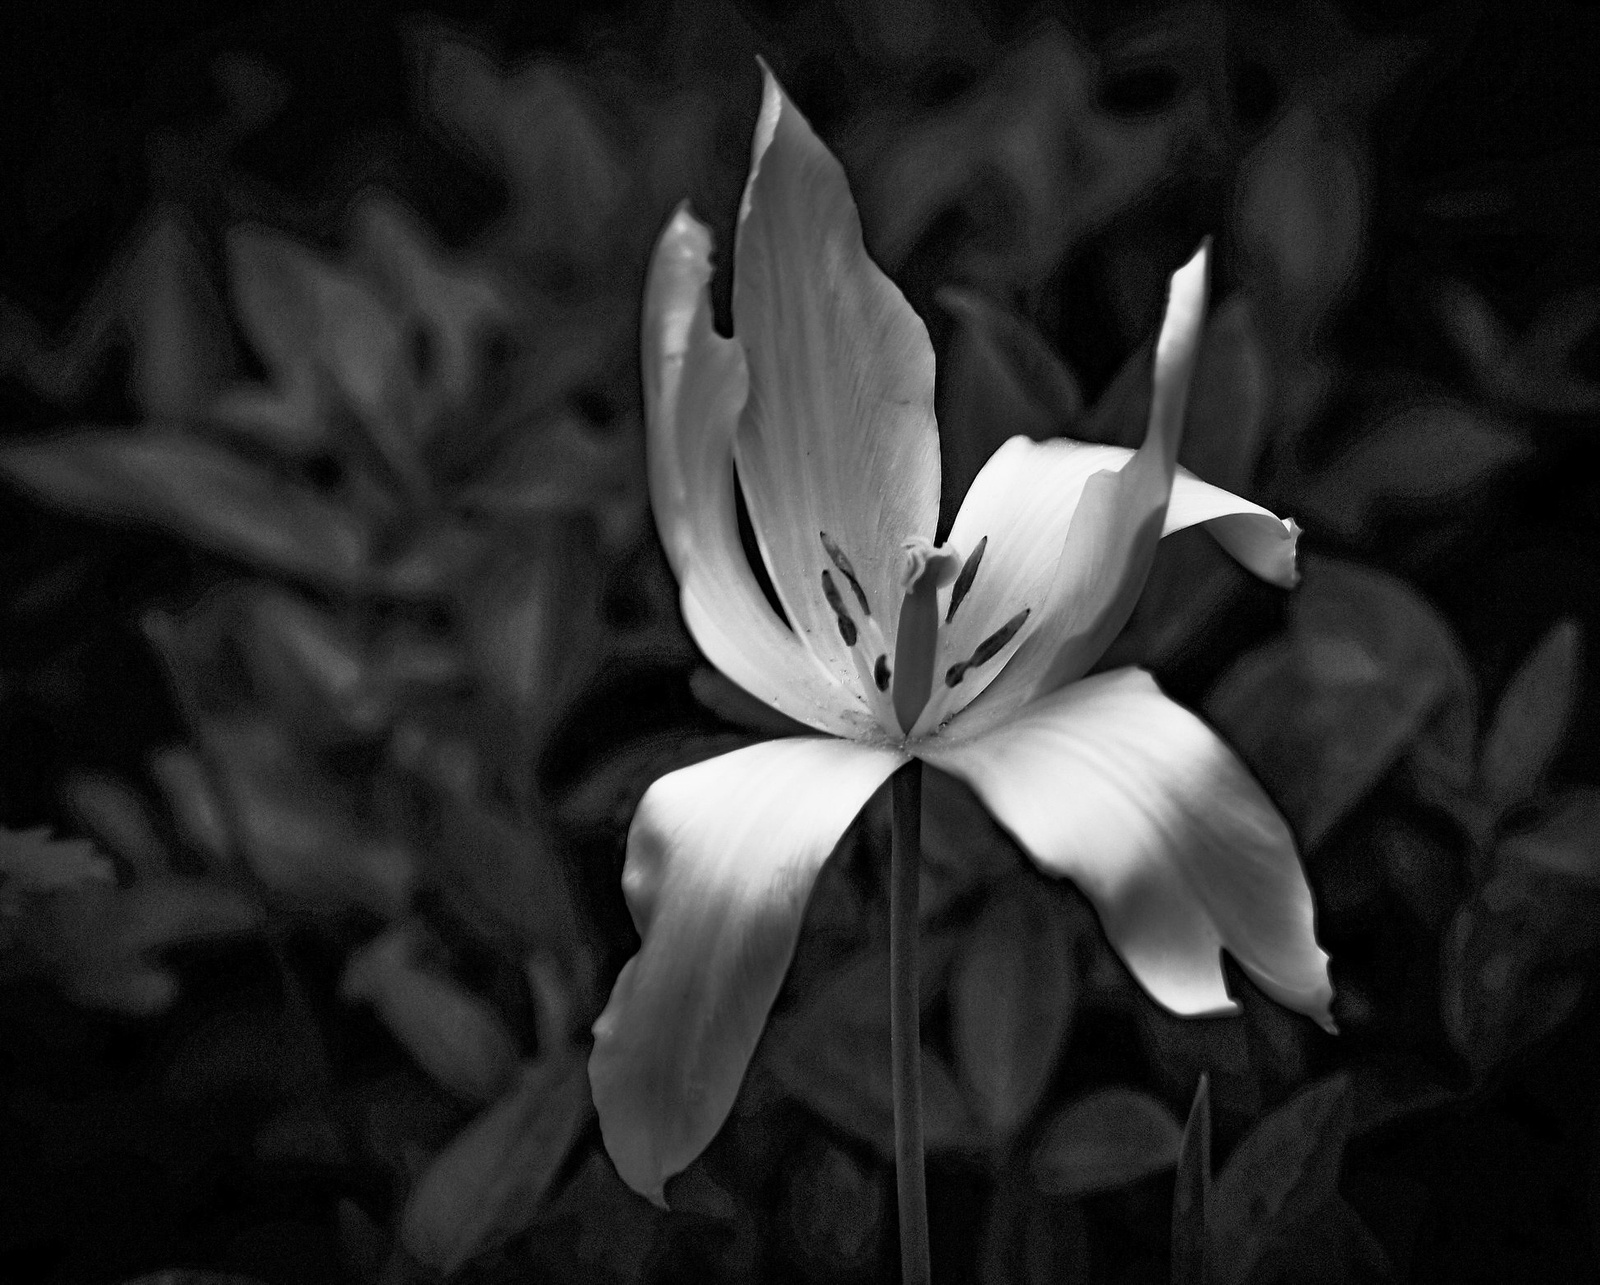 Elnyílt tulipán